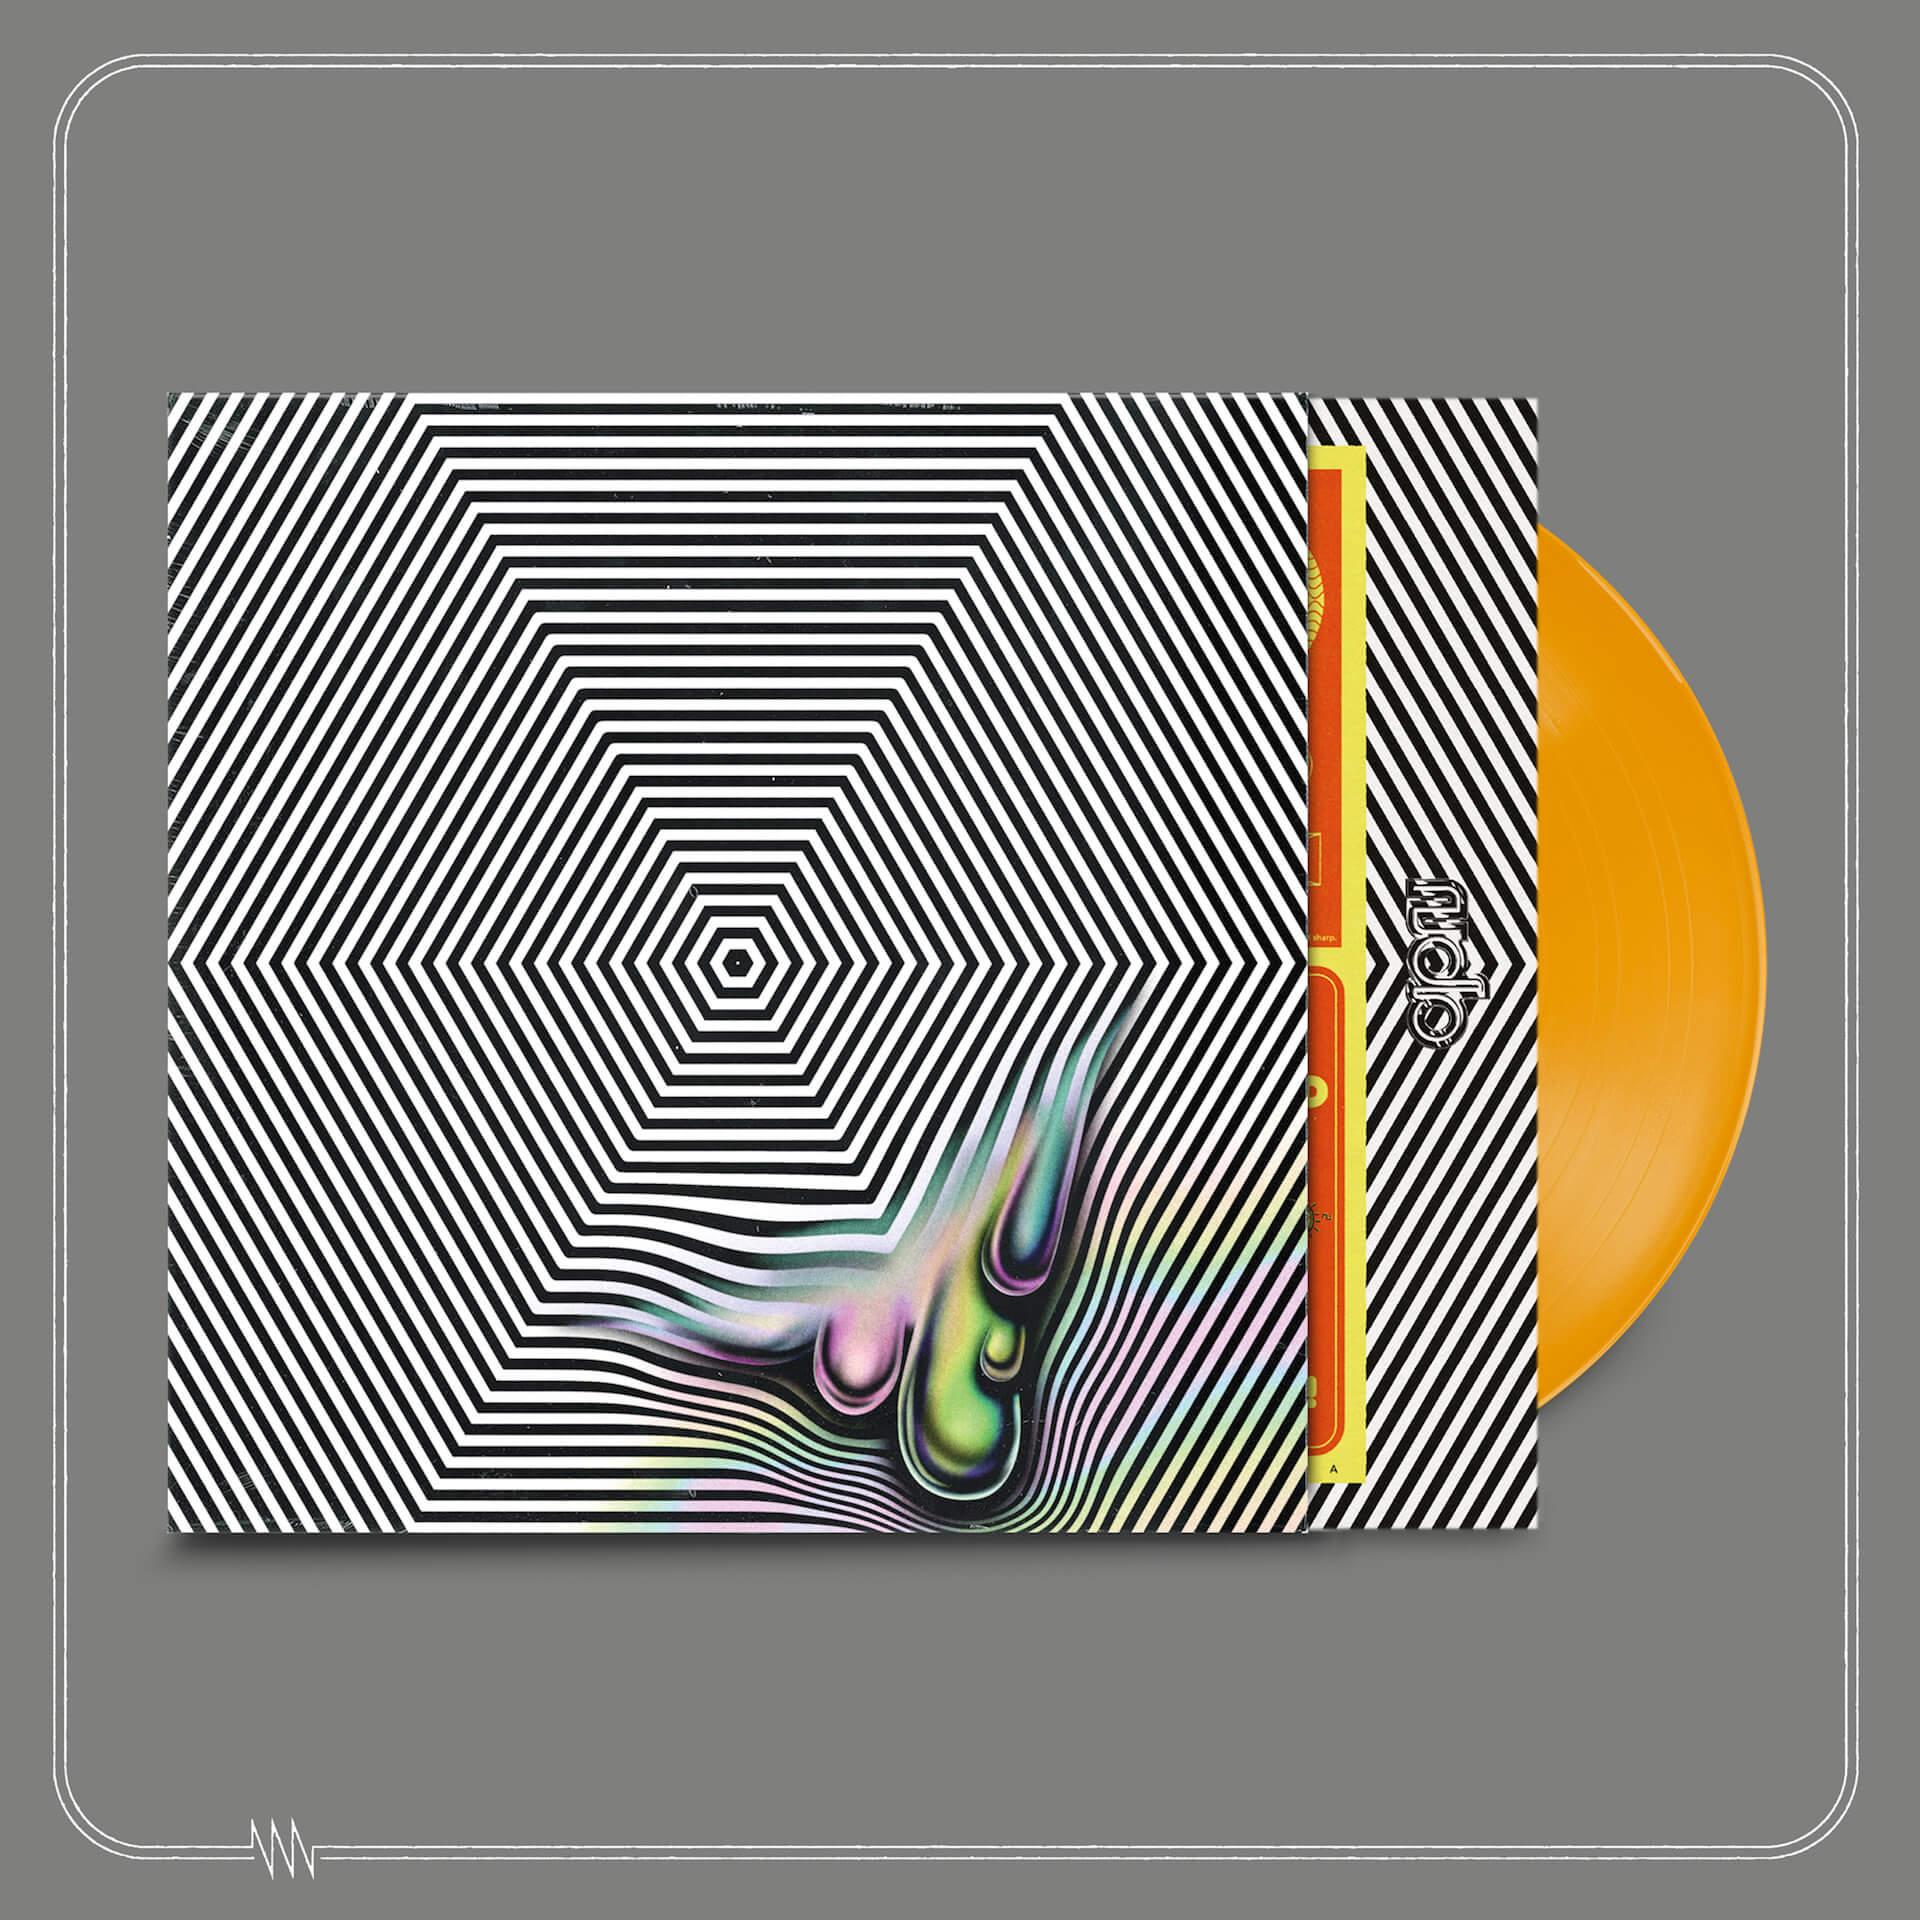 Oneohtrix Point Neverの新アルバム『Magic Oneohtrix Point Never』がリリース決定!シングル3曲をまとめたパッケージが公開 music200924_opn_9